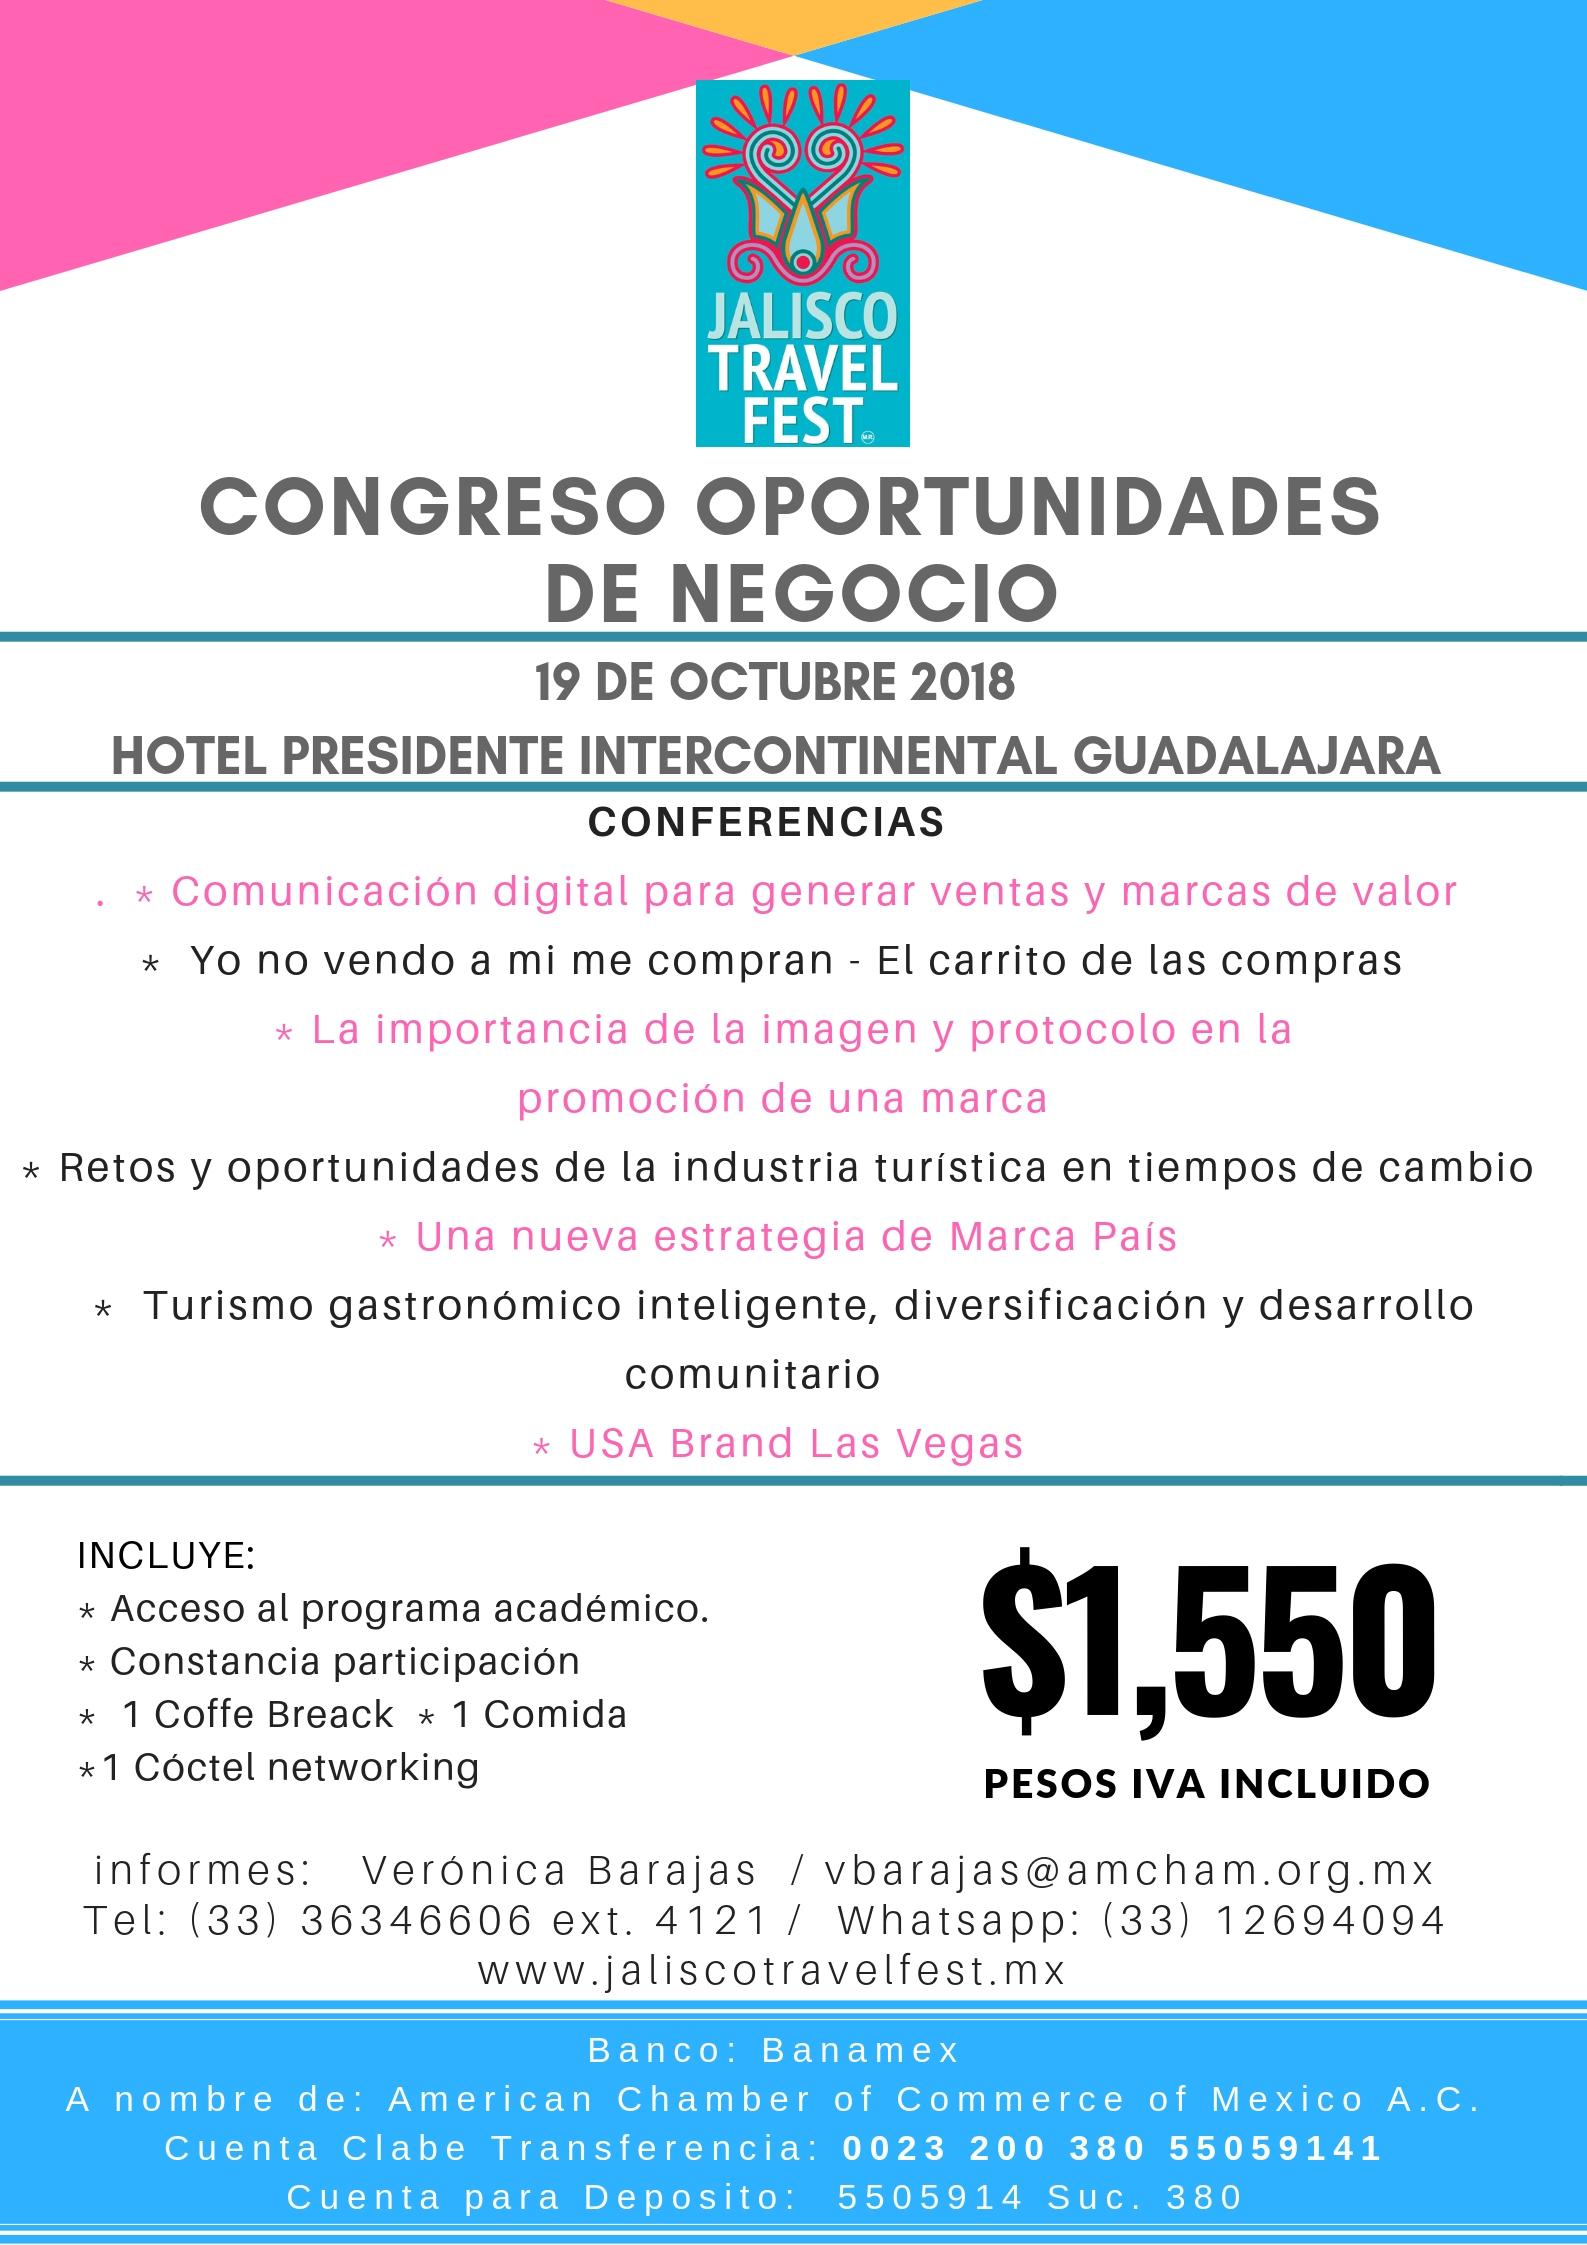 GDL - CONGRESO DE NEGOCIOS JALISCO TRAVEL FEST, OCTUBRE 19, 2018